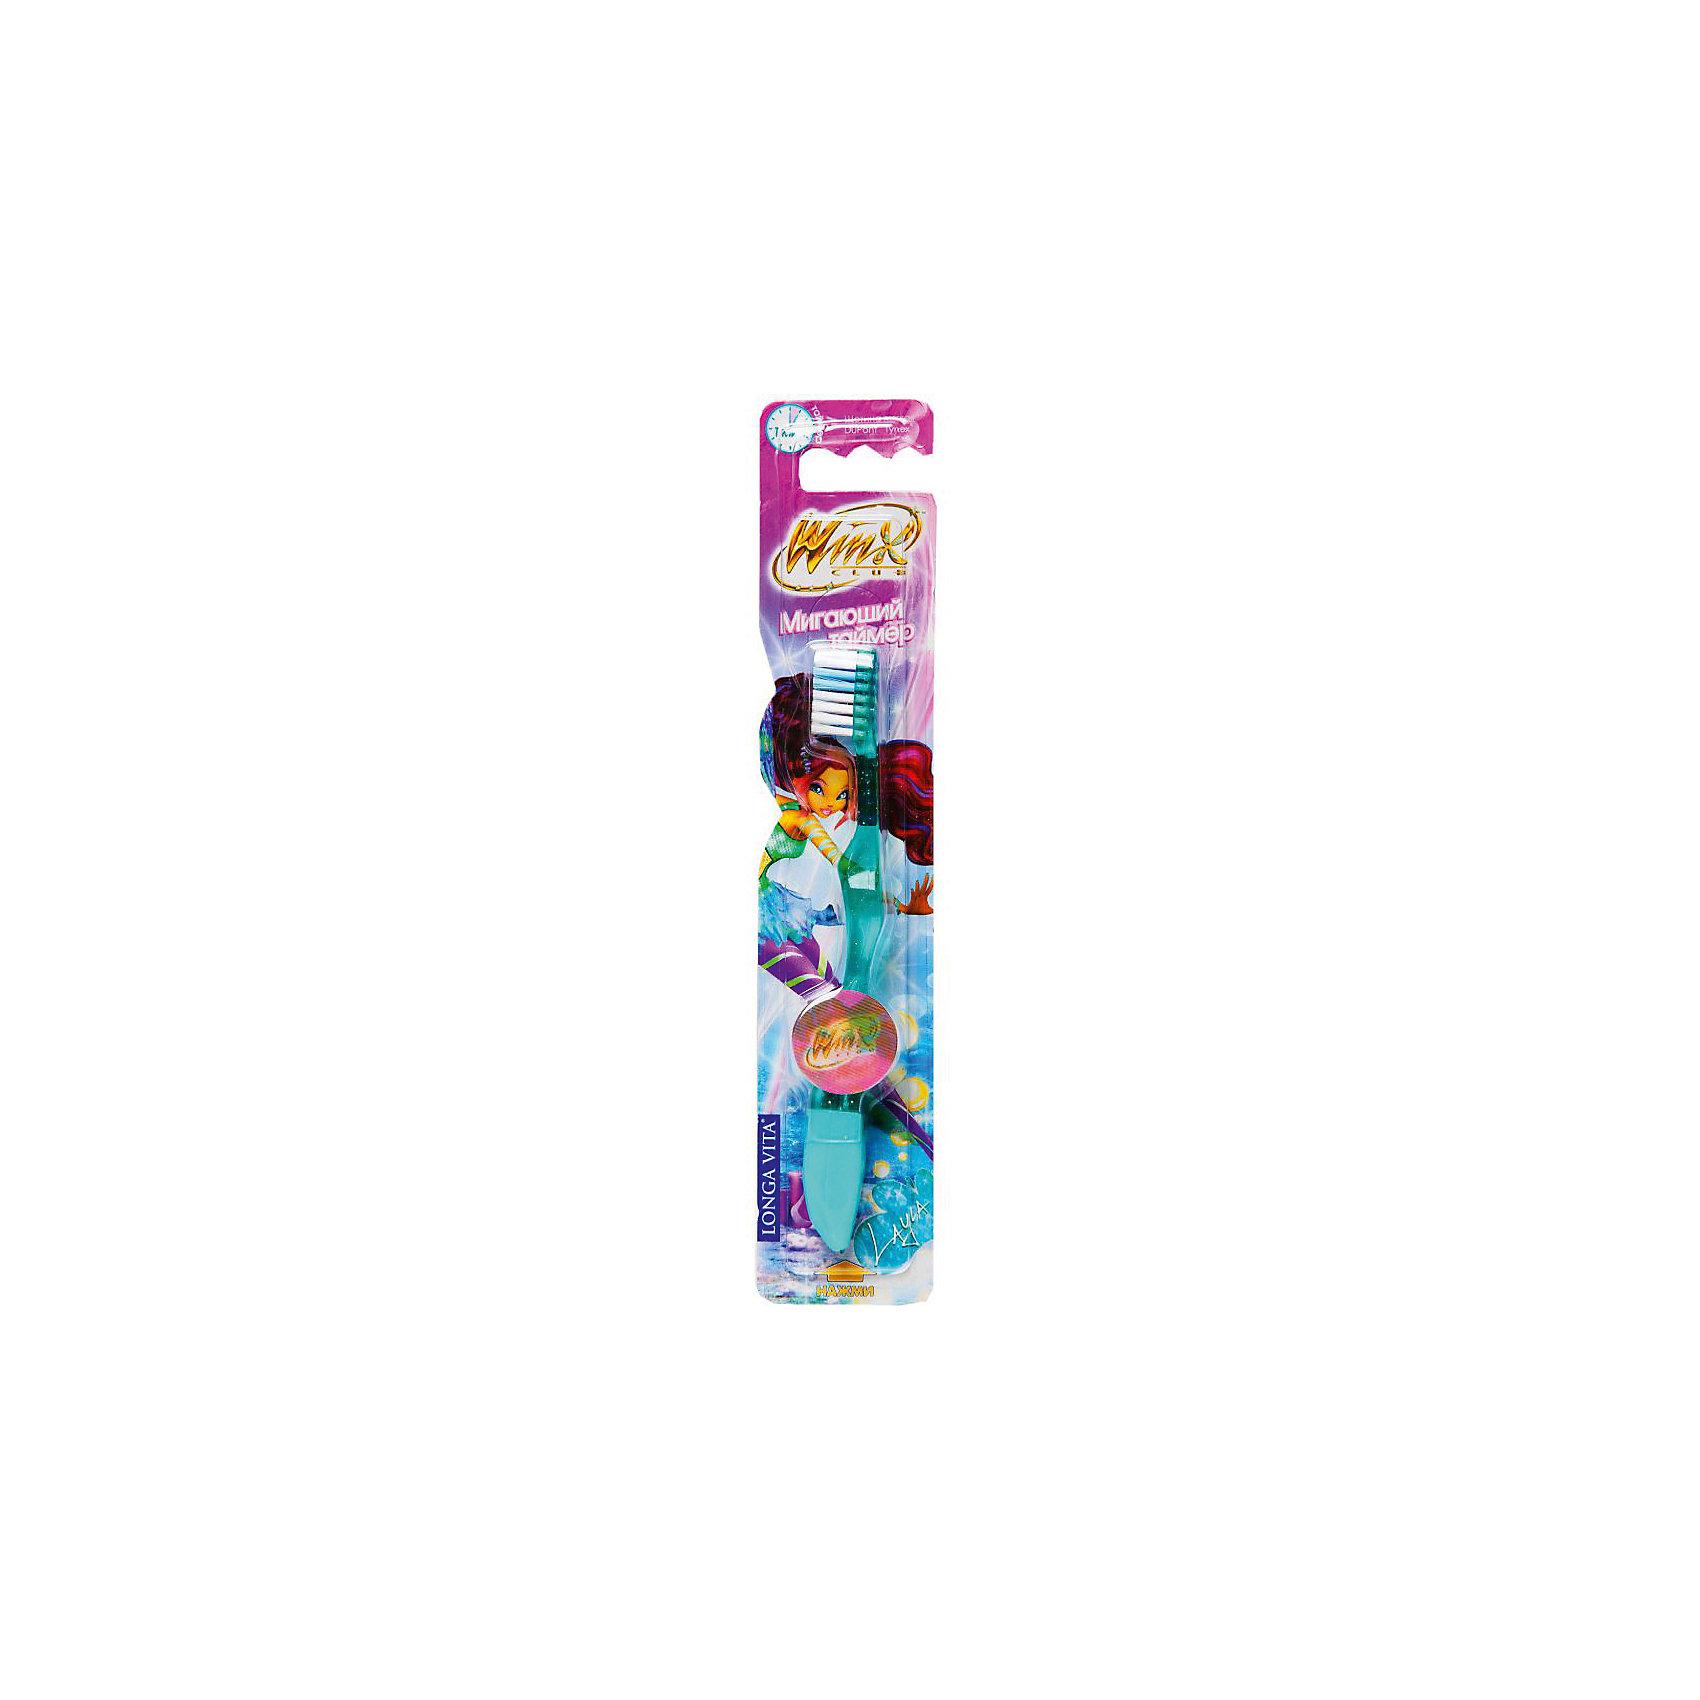 Зубная щетка с мигающим таймером, от 3-х лет, Winx, LONGA VITA, голубой